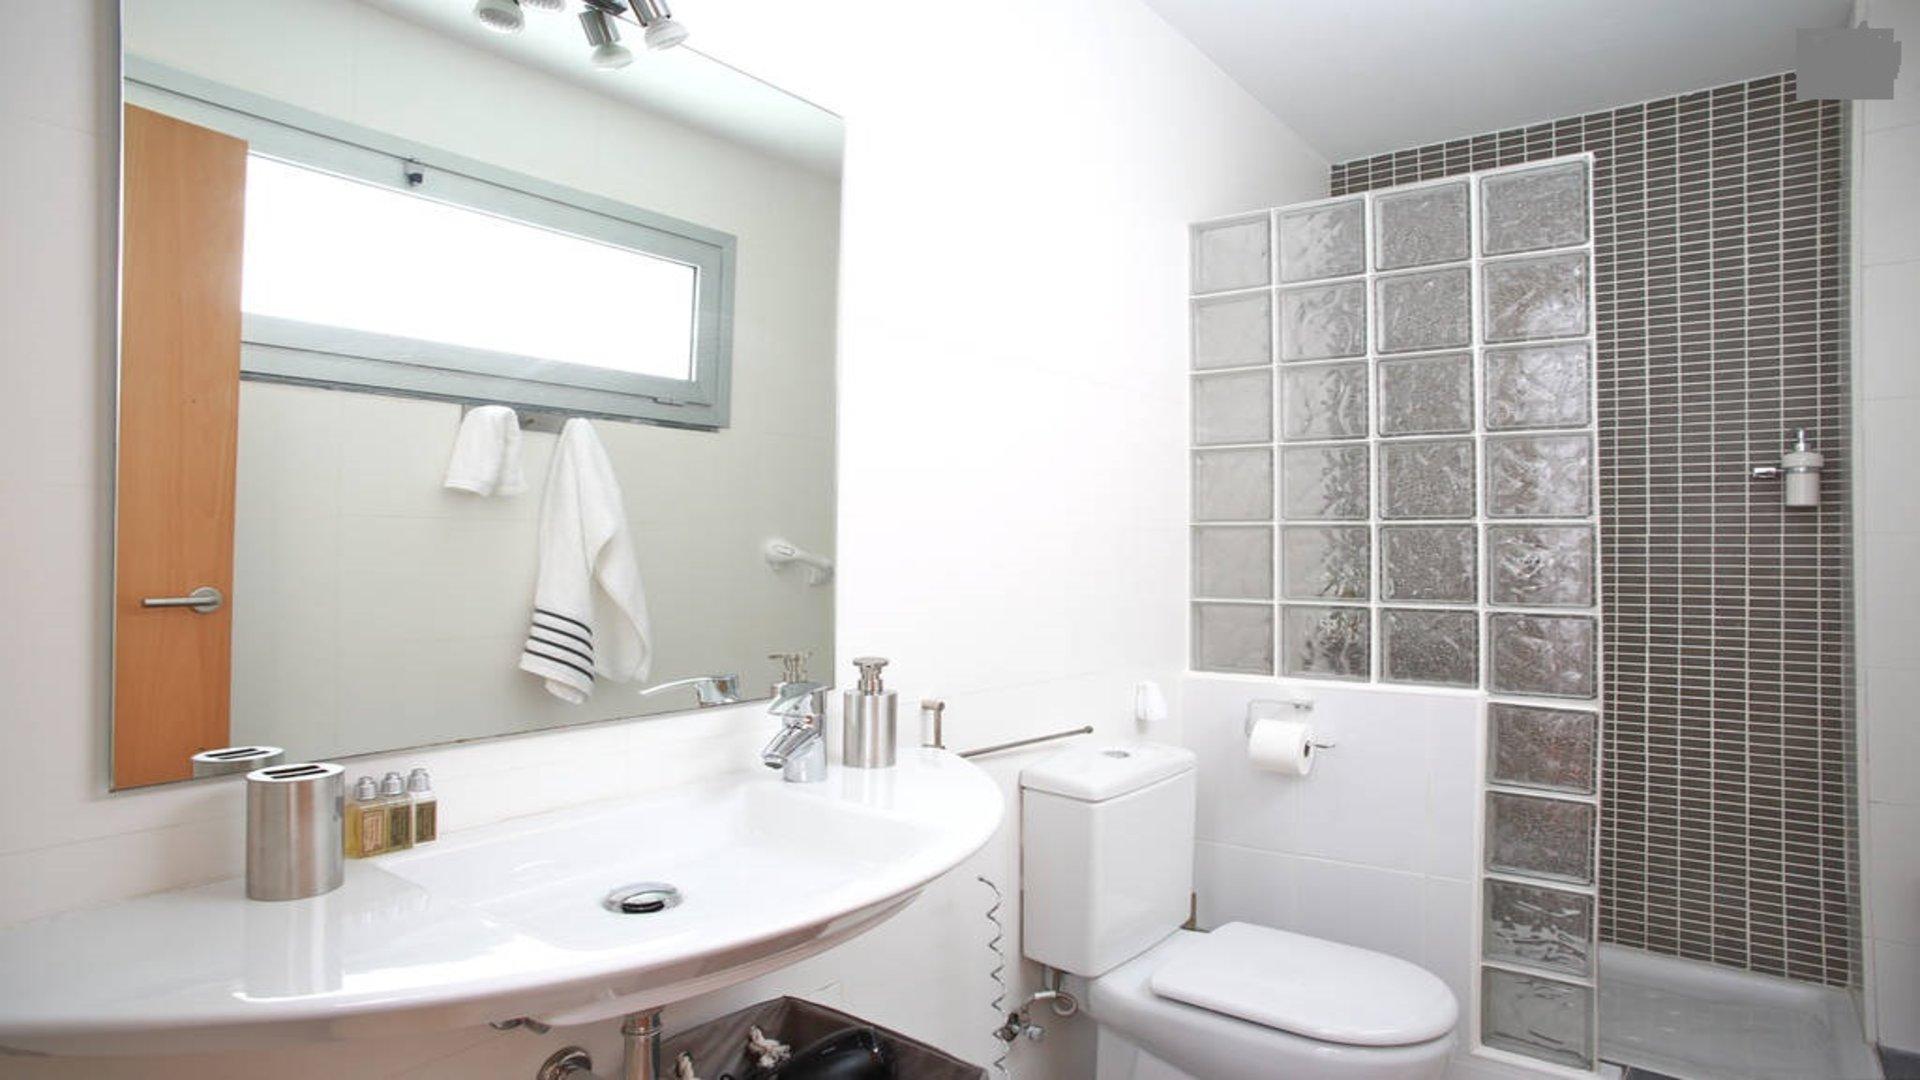 Продается квартира в Эль Готико, Барселона